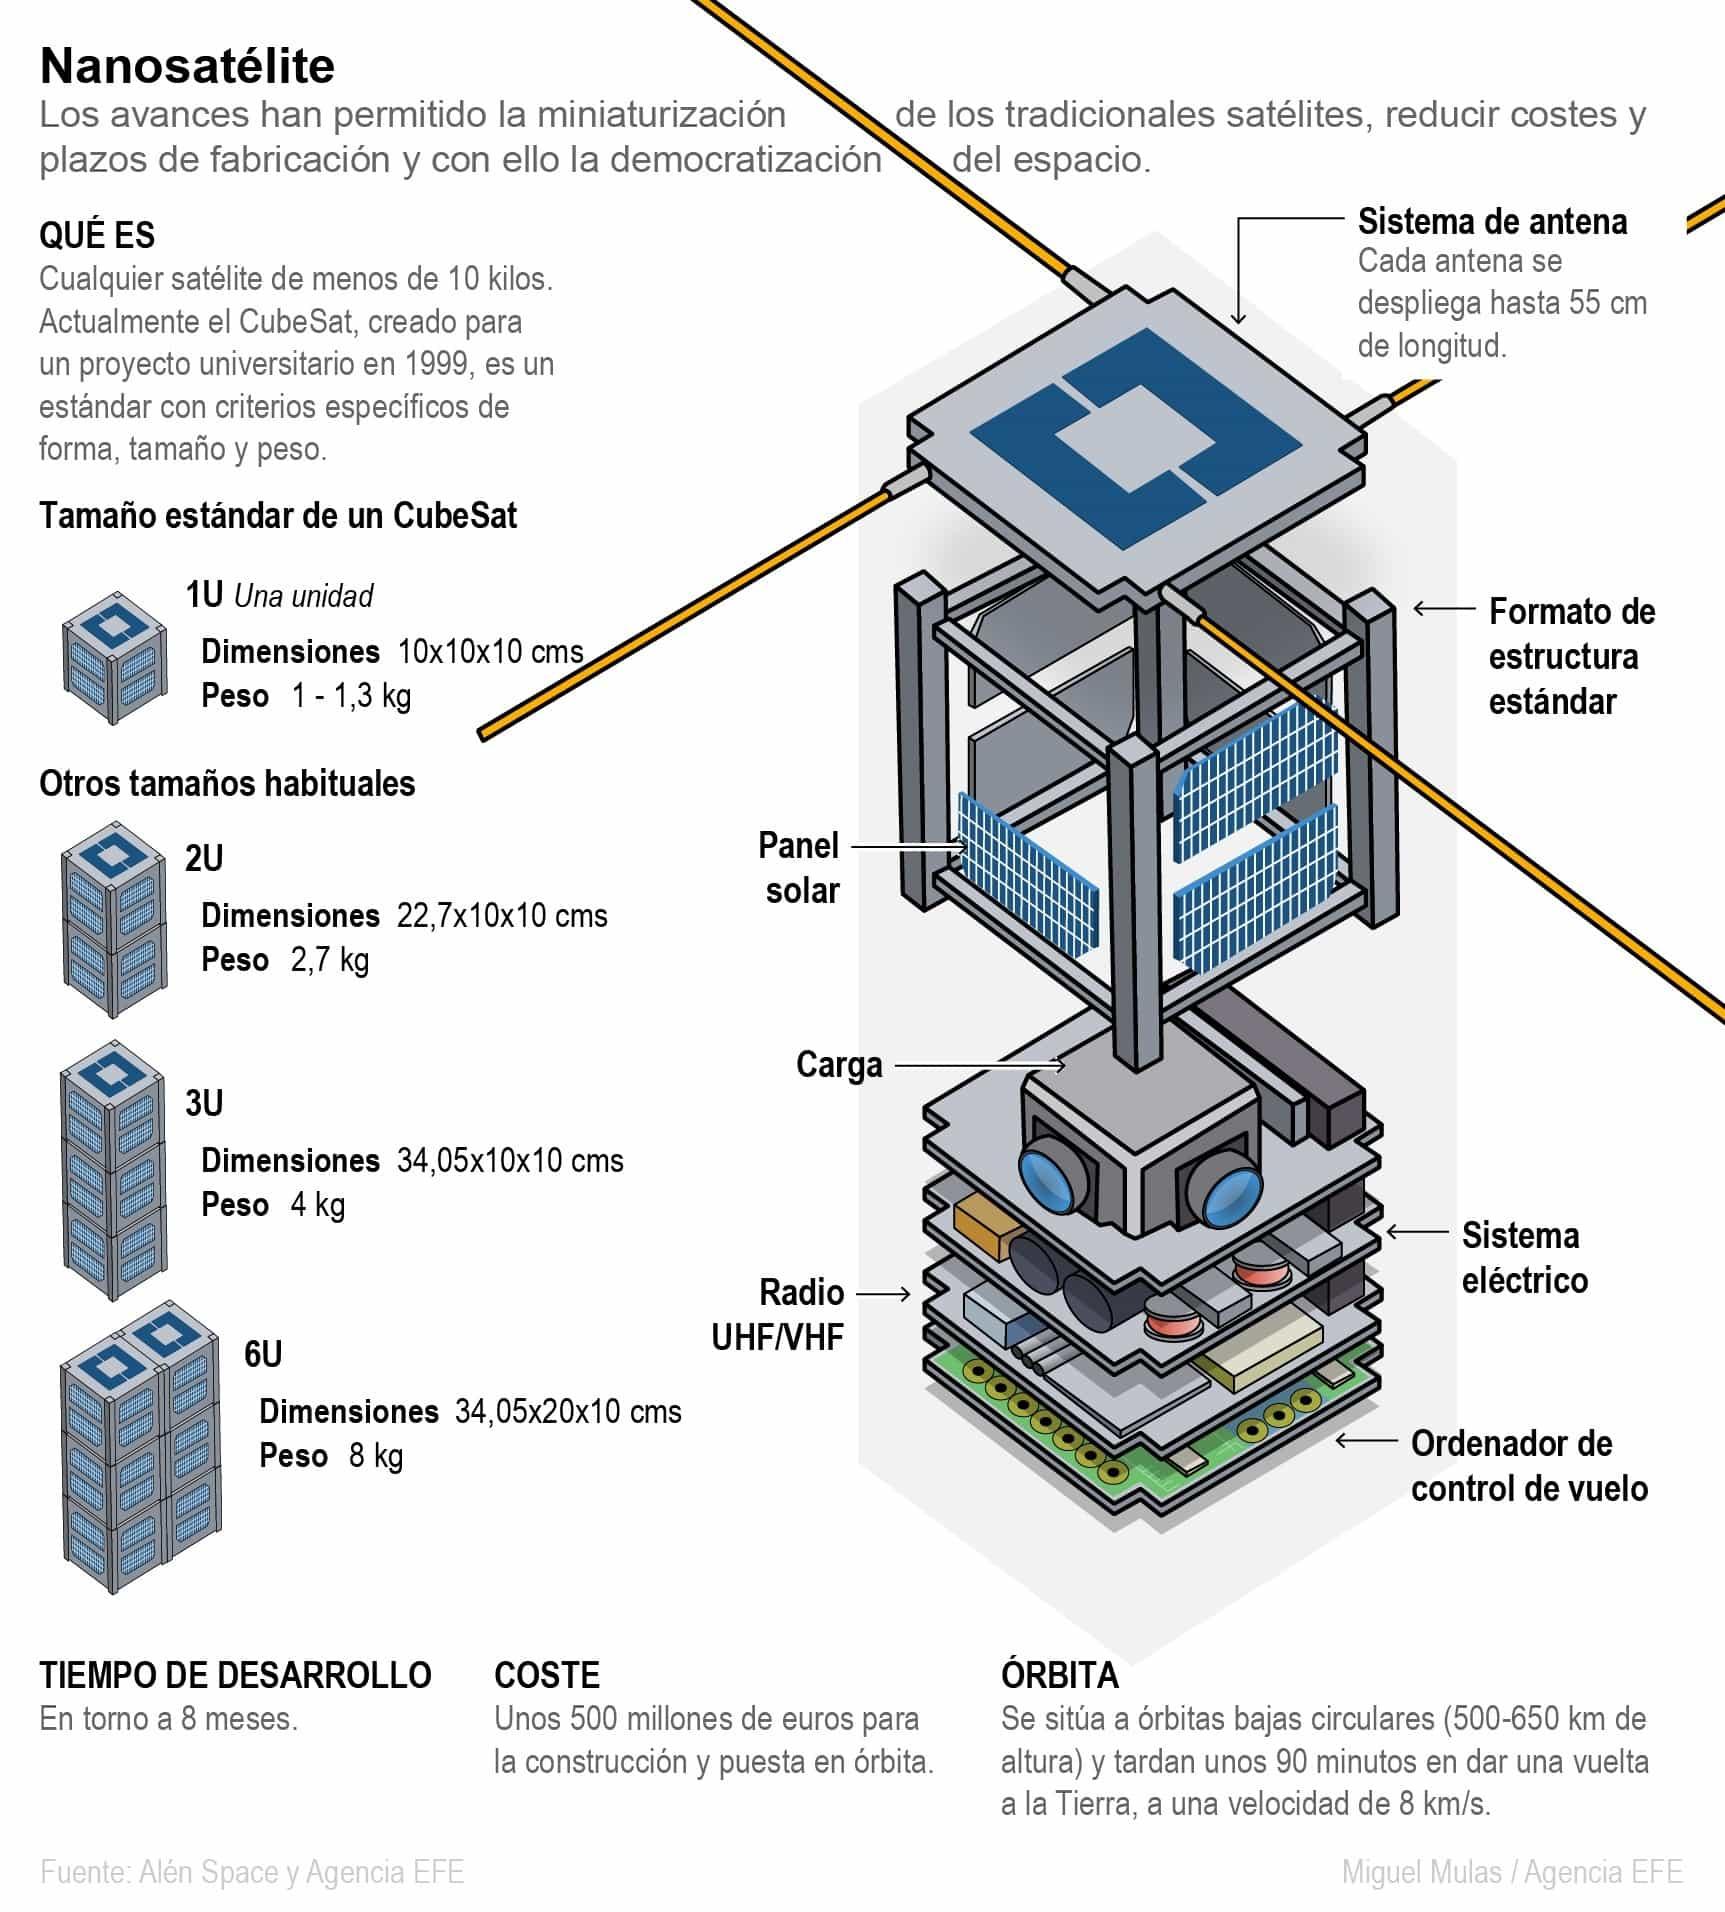 [Infografía] - Nanosatélites, el inicio de la era del Nuevo Espacio 1